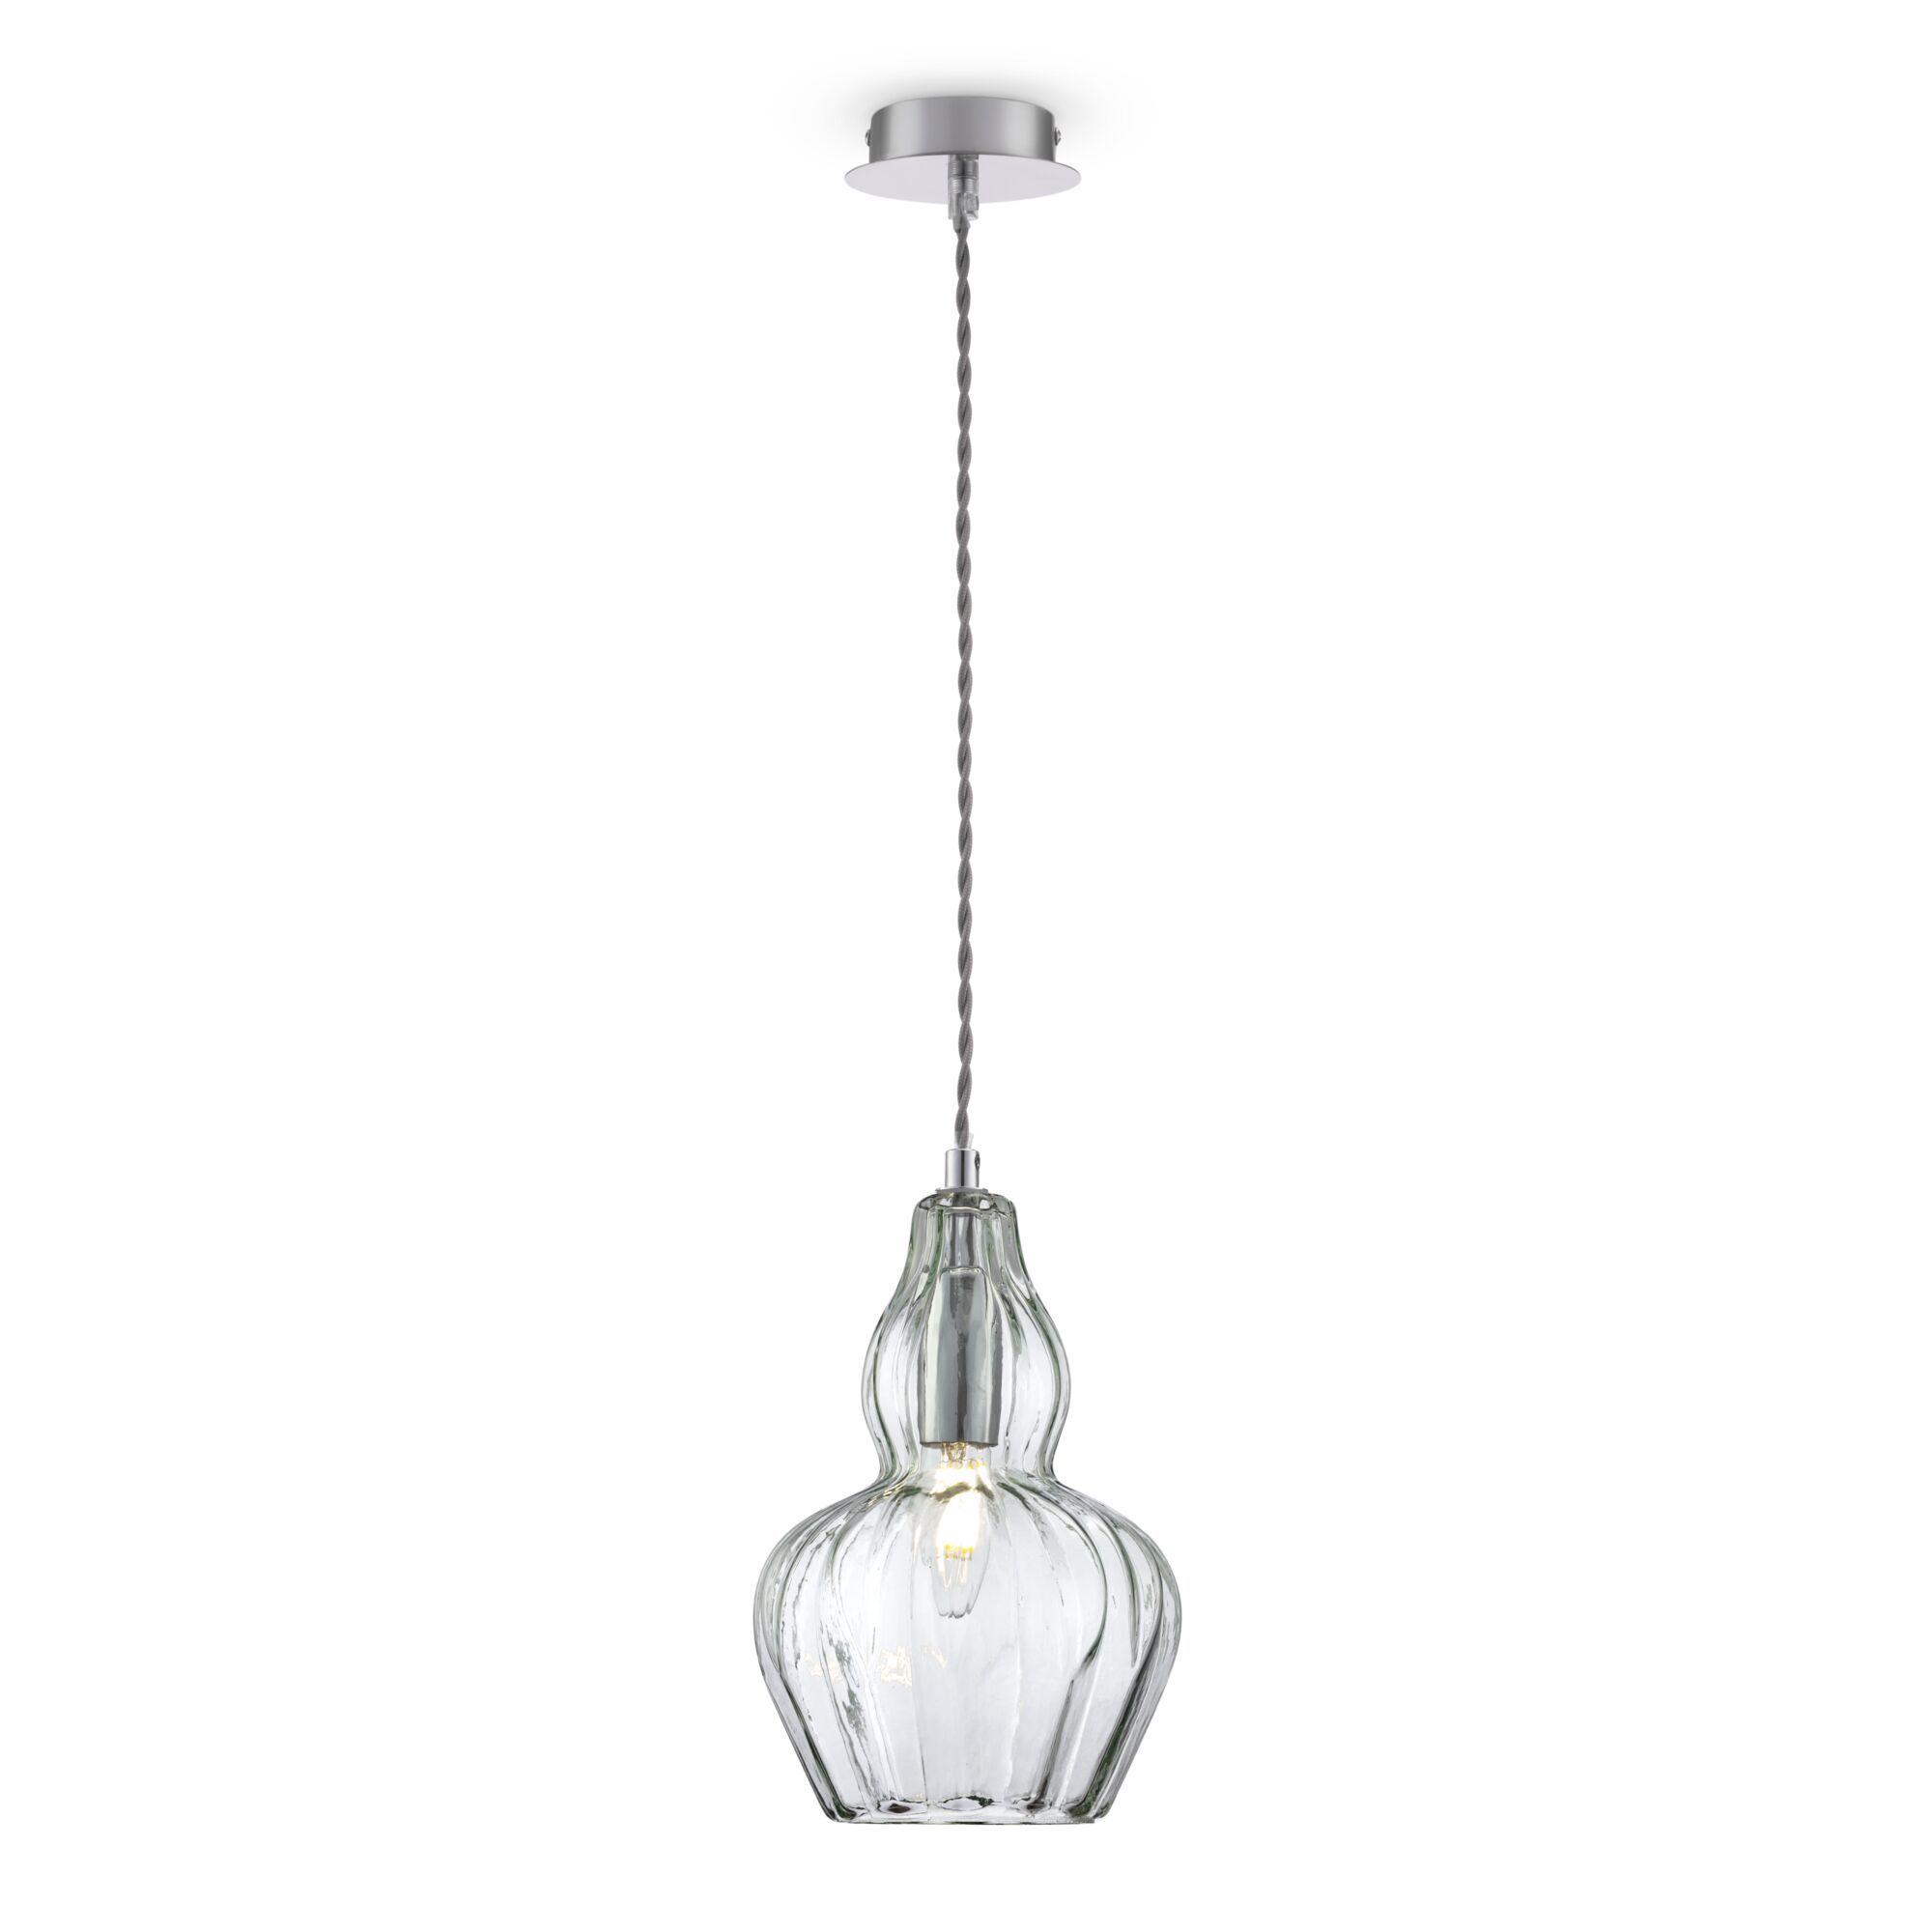 Подвесной светильник Maytoni Eustoma MOD238-PL-01-GN, 1xE14x40W, никель, зеленый, металл, стекло - фото 1